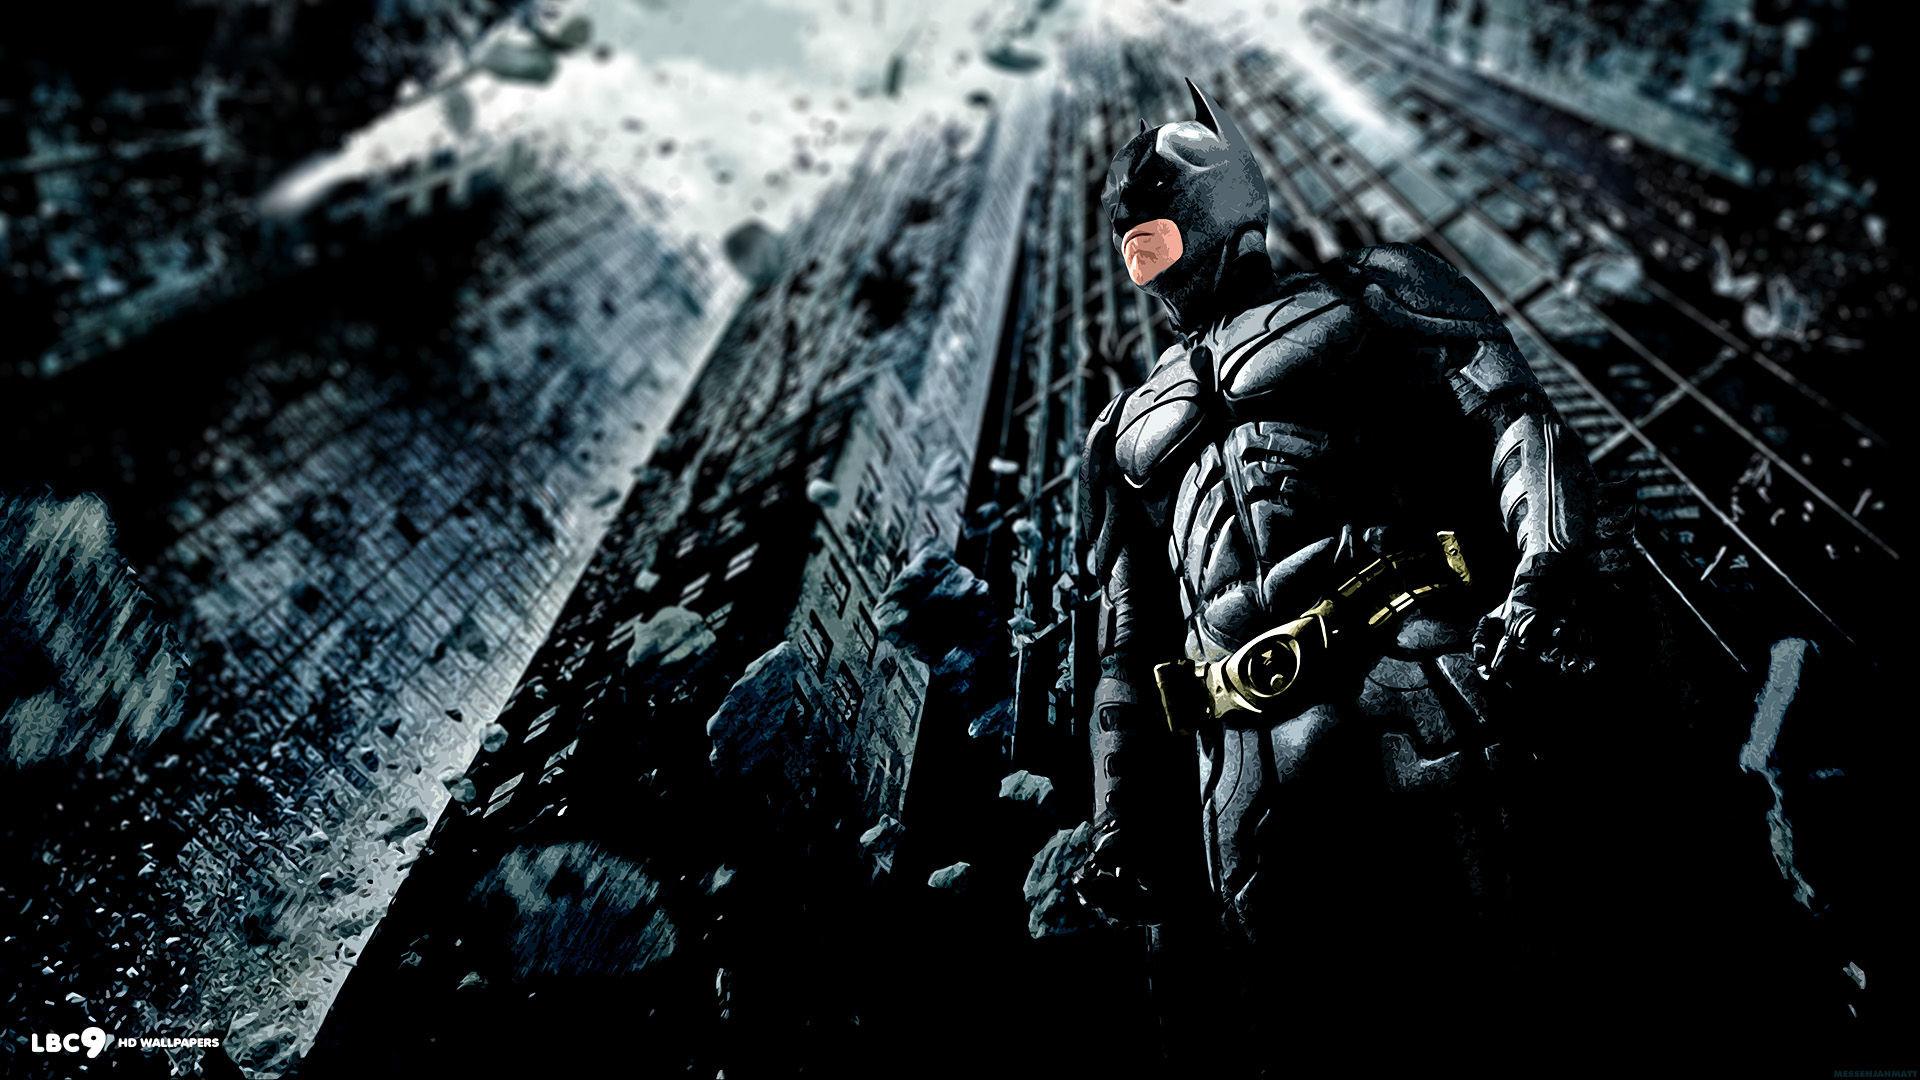 Batman The Dark Knight Rises HD Wallpaper   Wallpapers   Pinterest   Dark  knight and Hd wallpaper